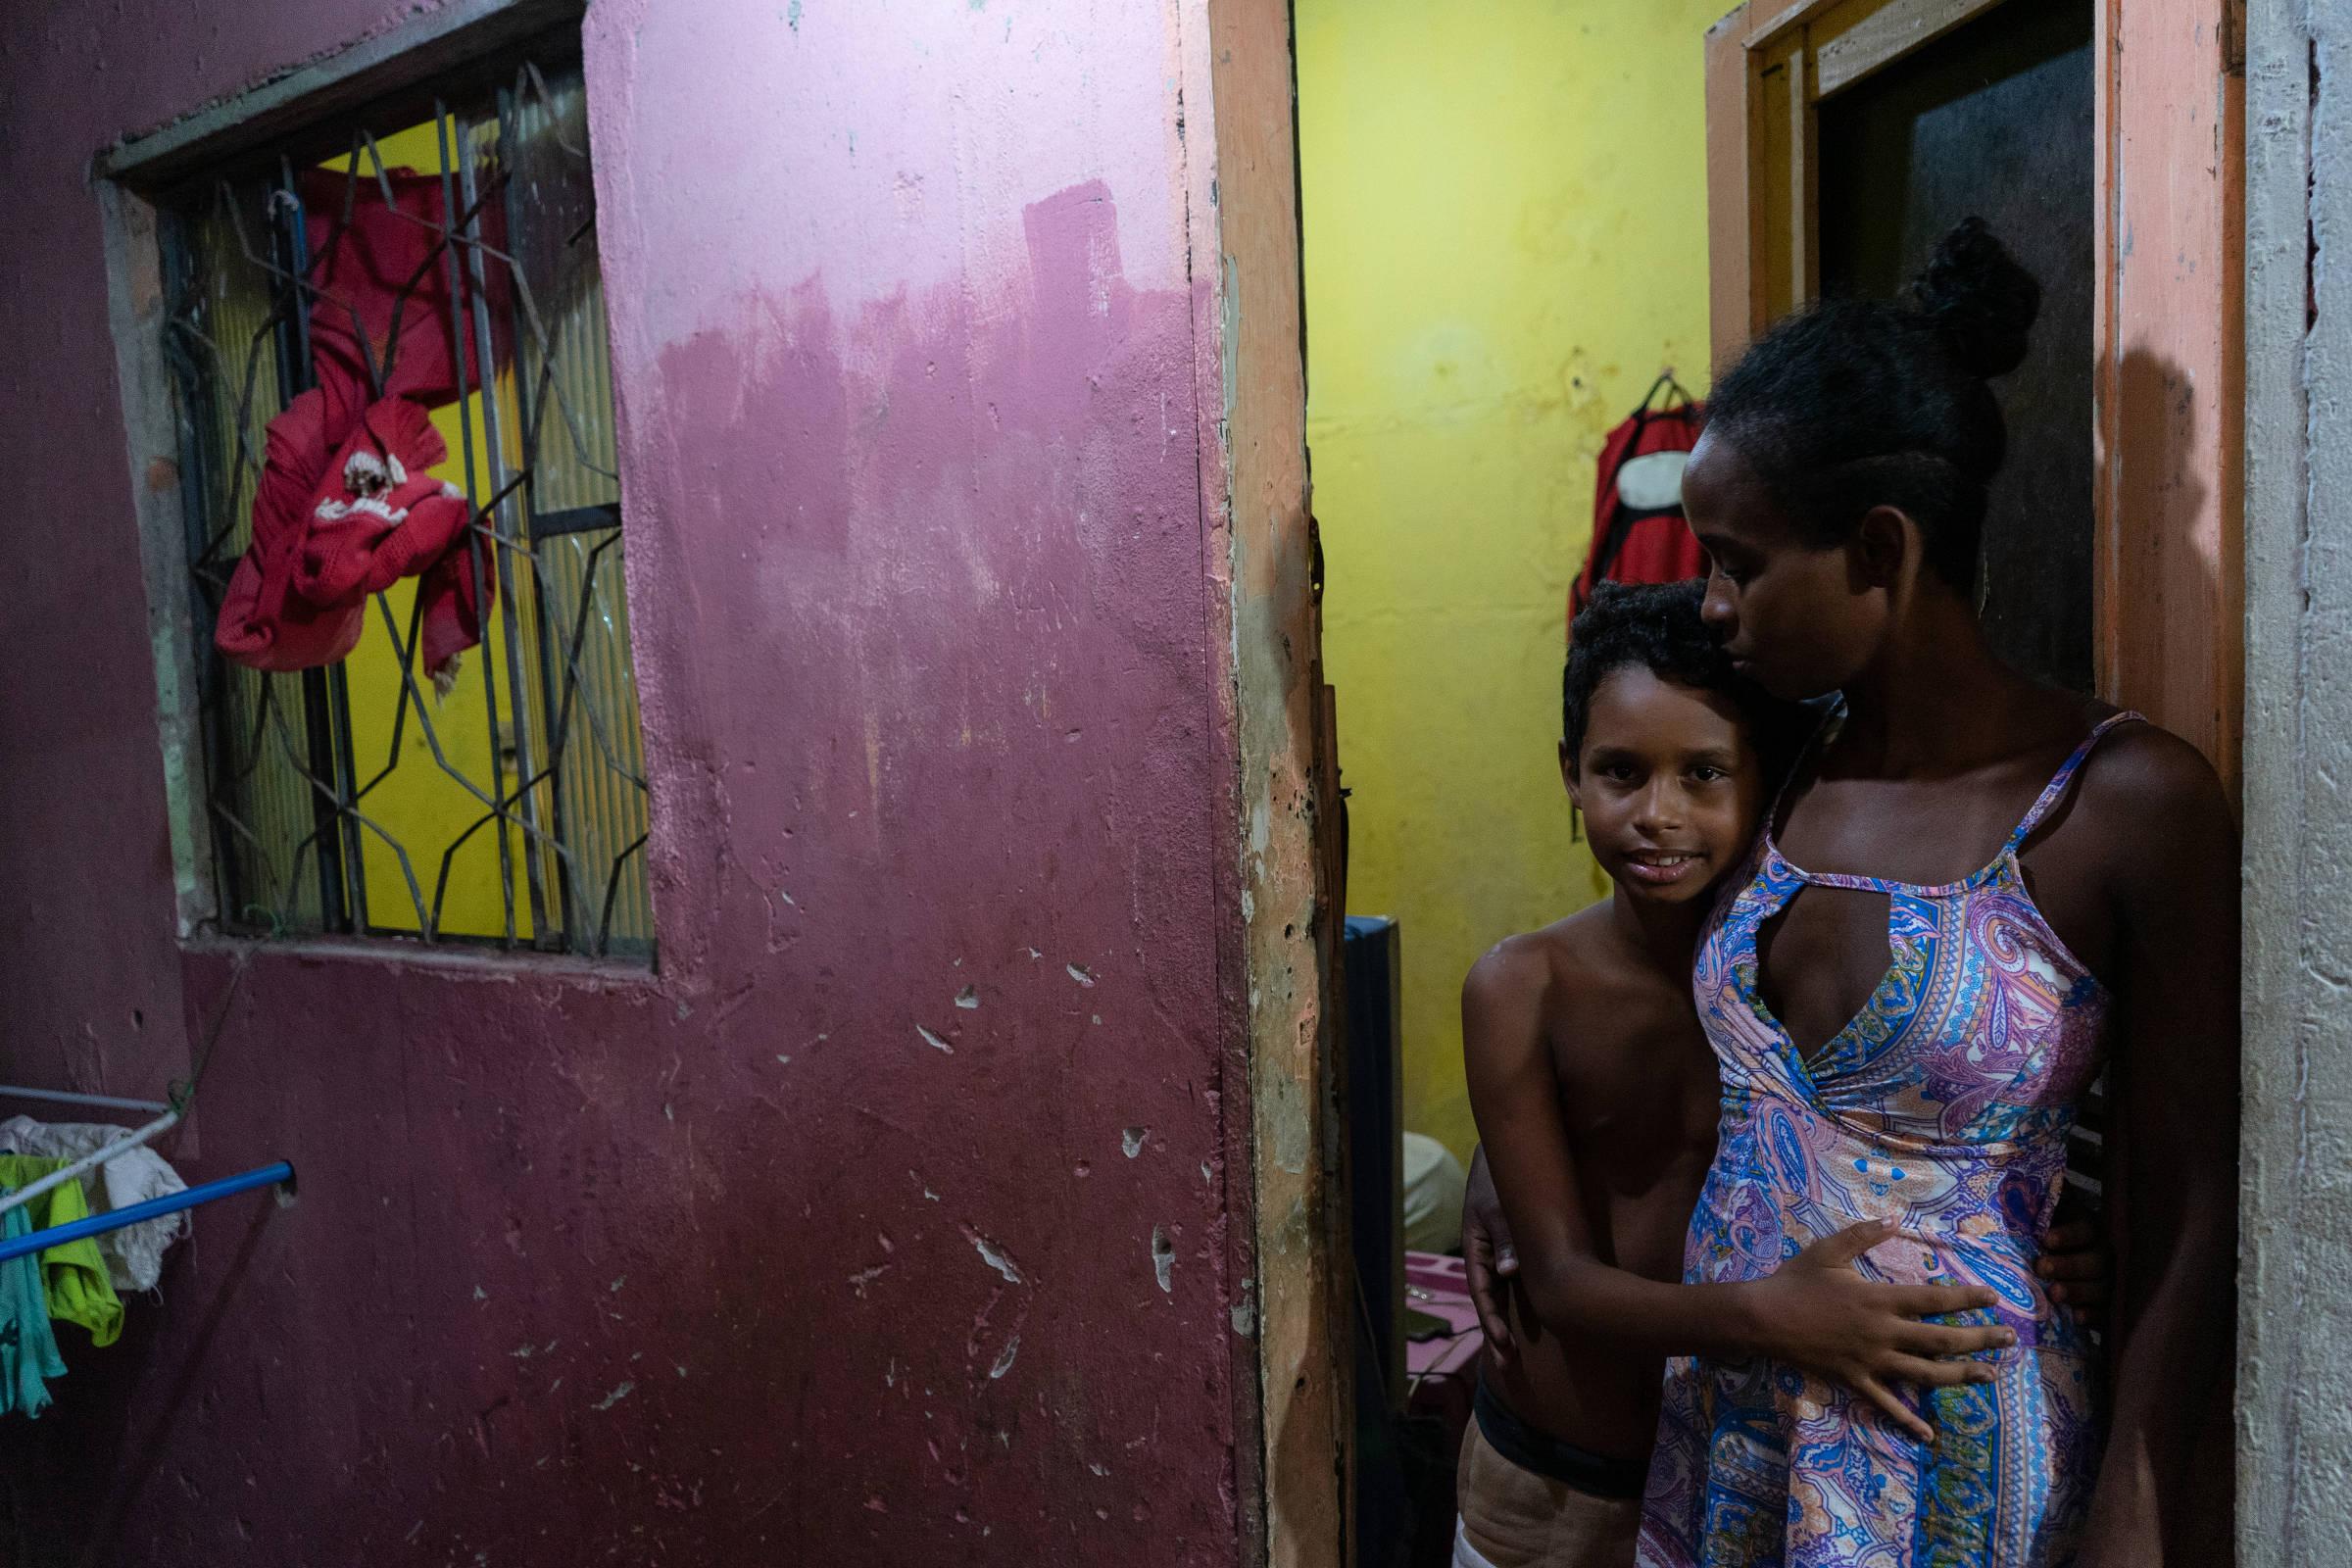 Tiro intenso interrompe a doação na favela do Rio e o jovem morre - 20.5.2020. - Cotidiano